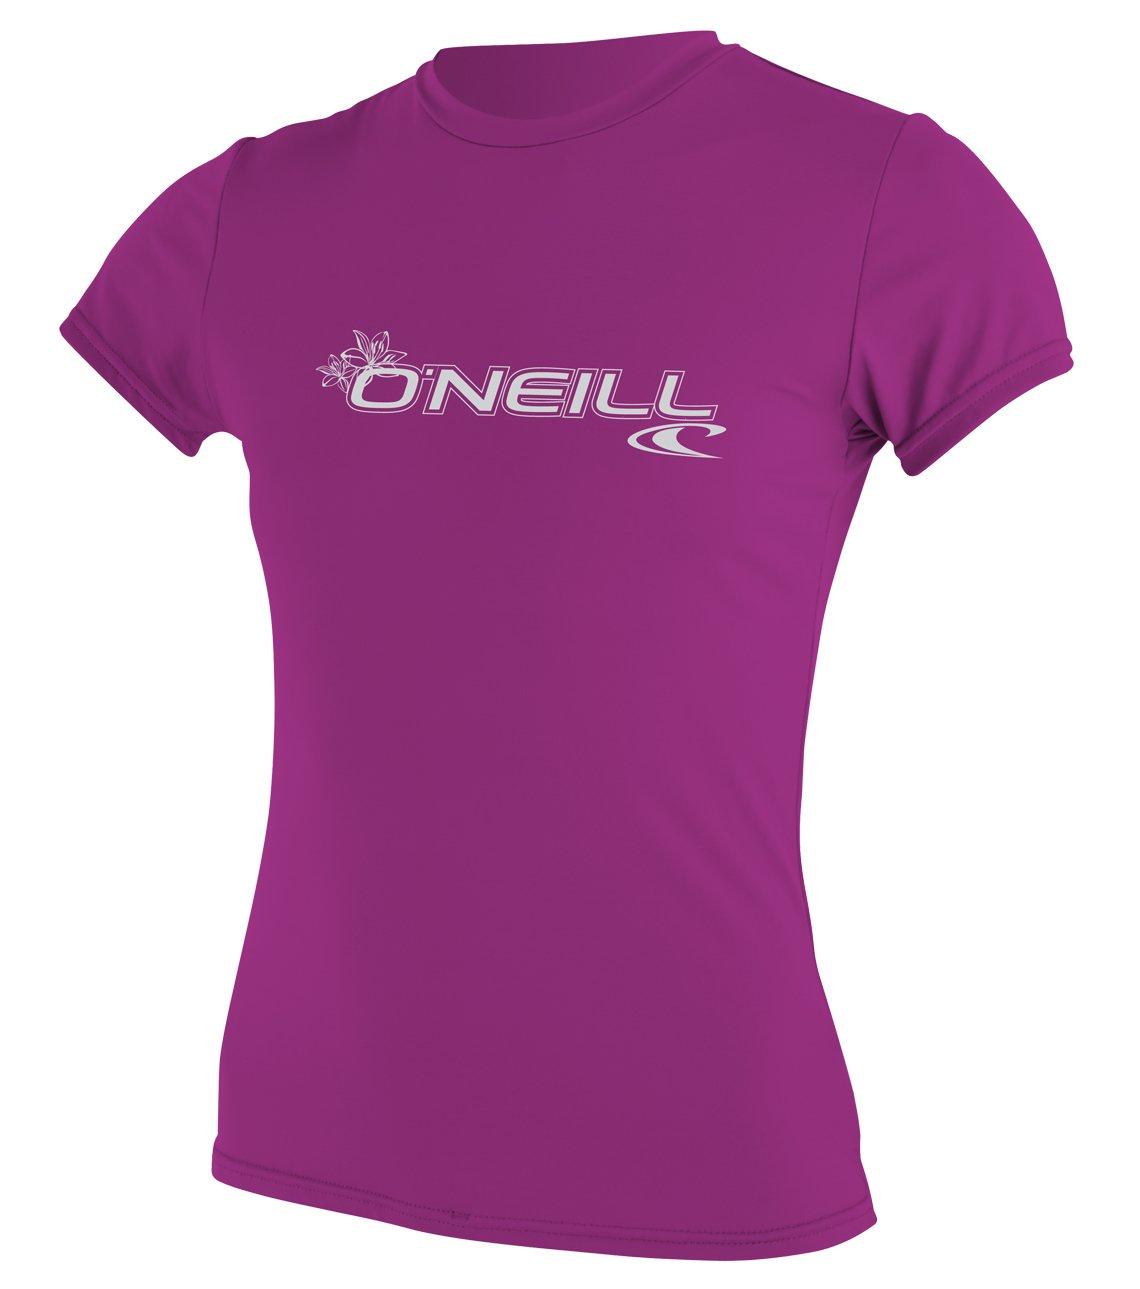 Гидрокостюм ONEILL ONEILL-3547, черный likeu s no1 black